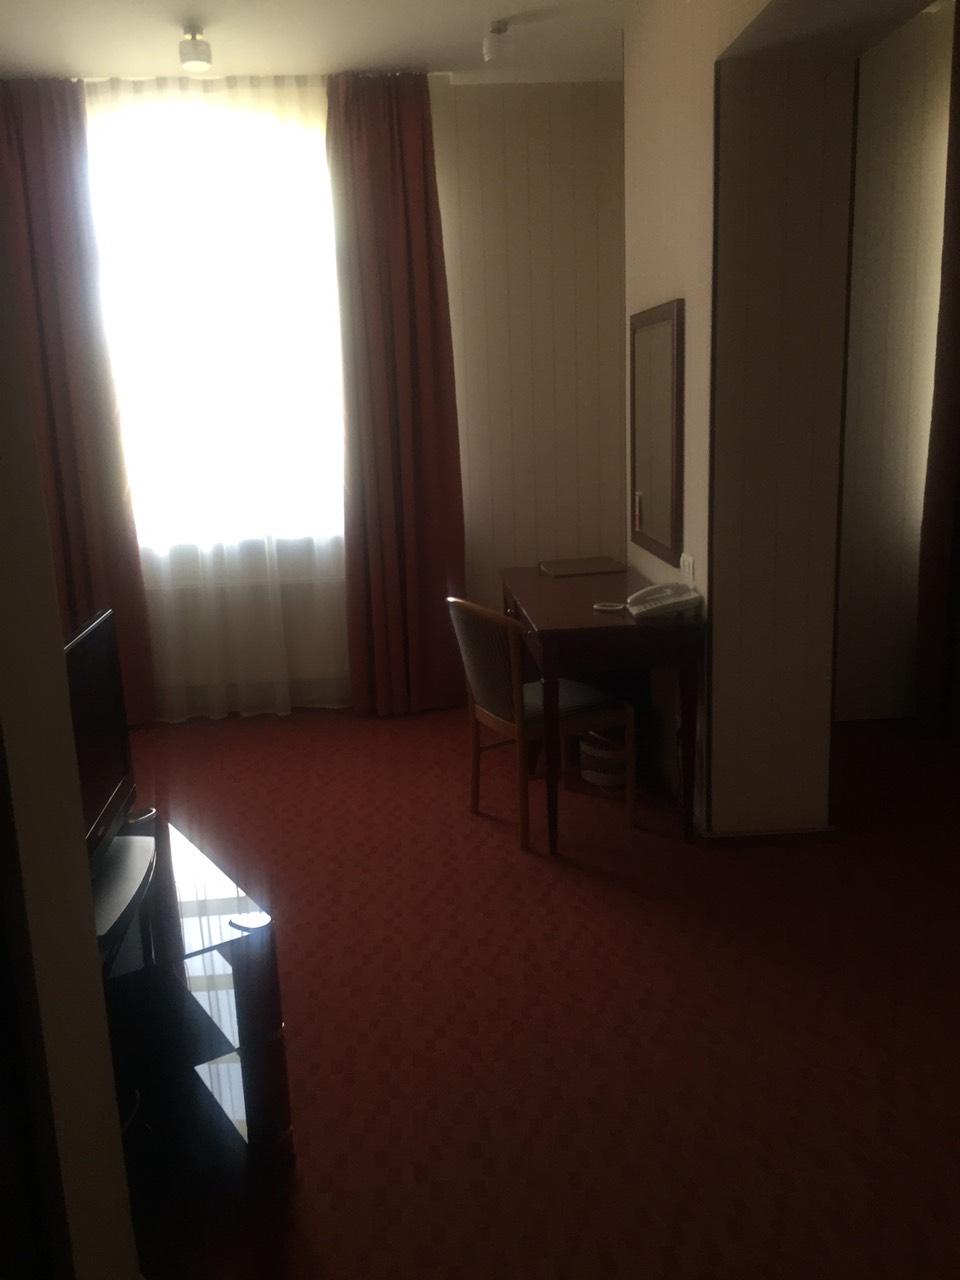 Нежитлове приміщення готелю за адресою: м. Харків, вул. Примерівська, 23. Площа приміщення 1672,00 кв м.